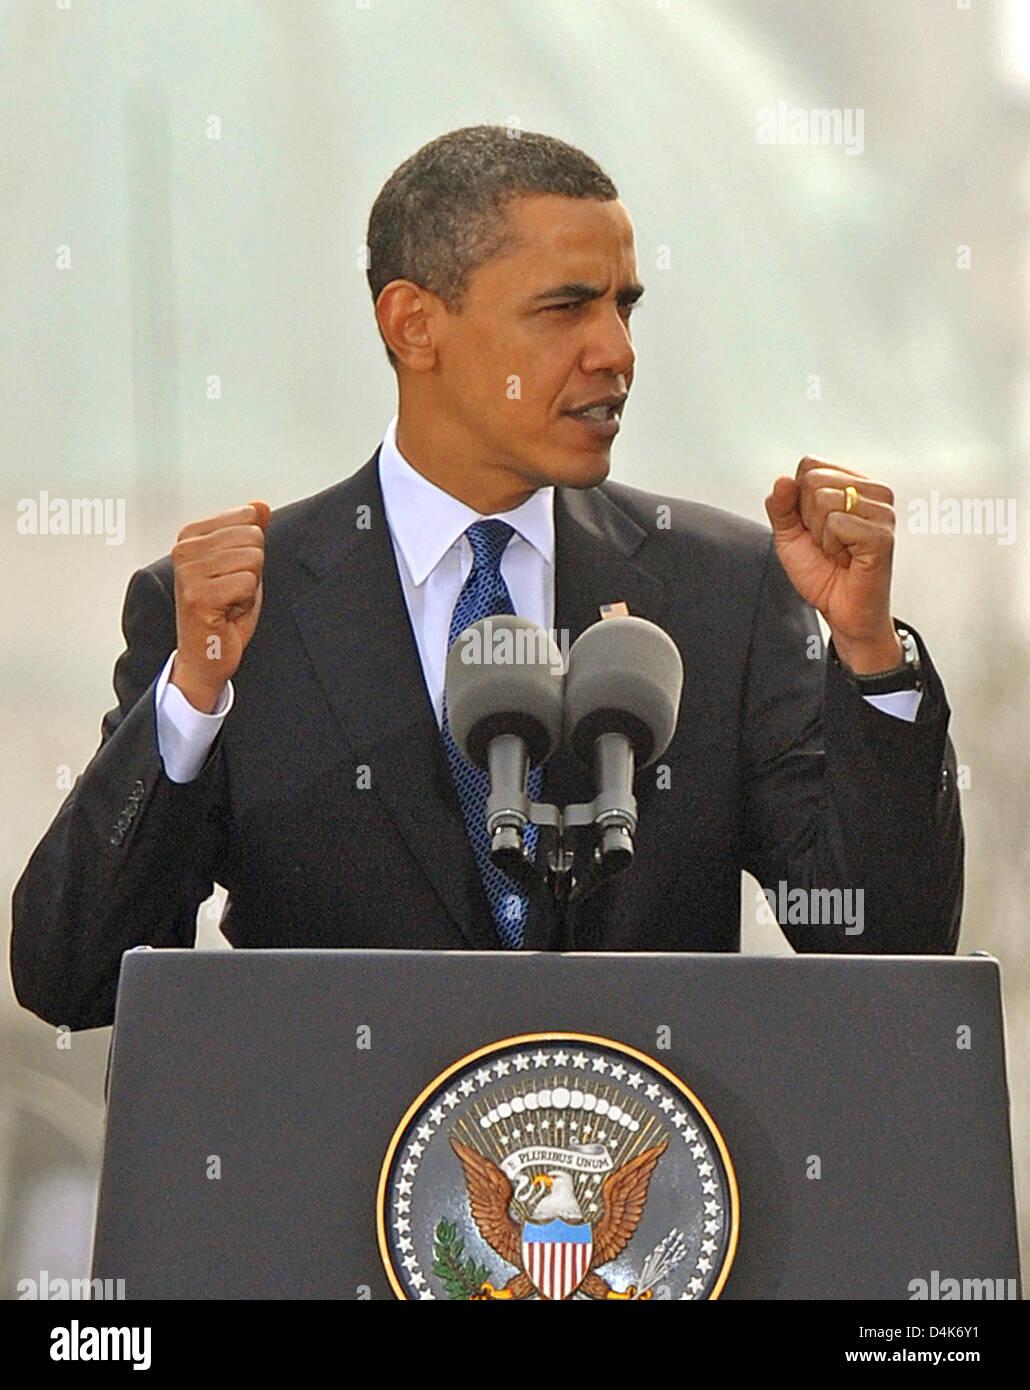 U.S. President Barack Obama delivers a speech in Prague, Czech Republic, 05 April 2009. In a speech Mr Obama again Stock Photo